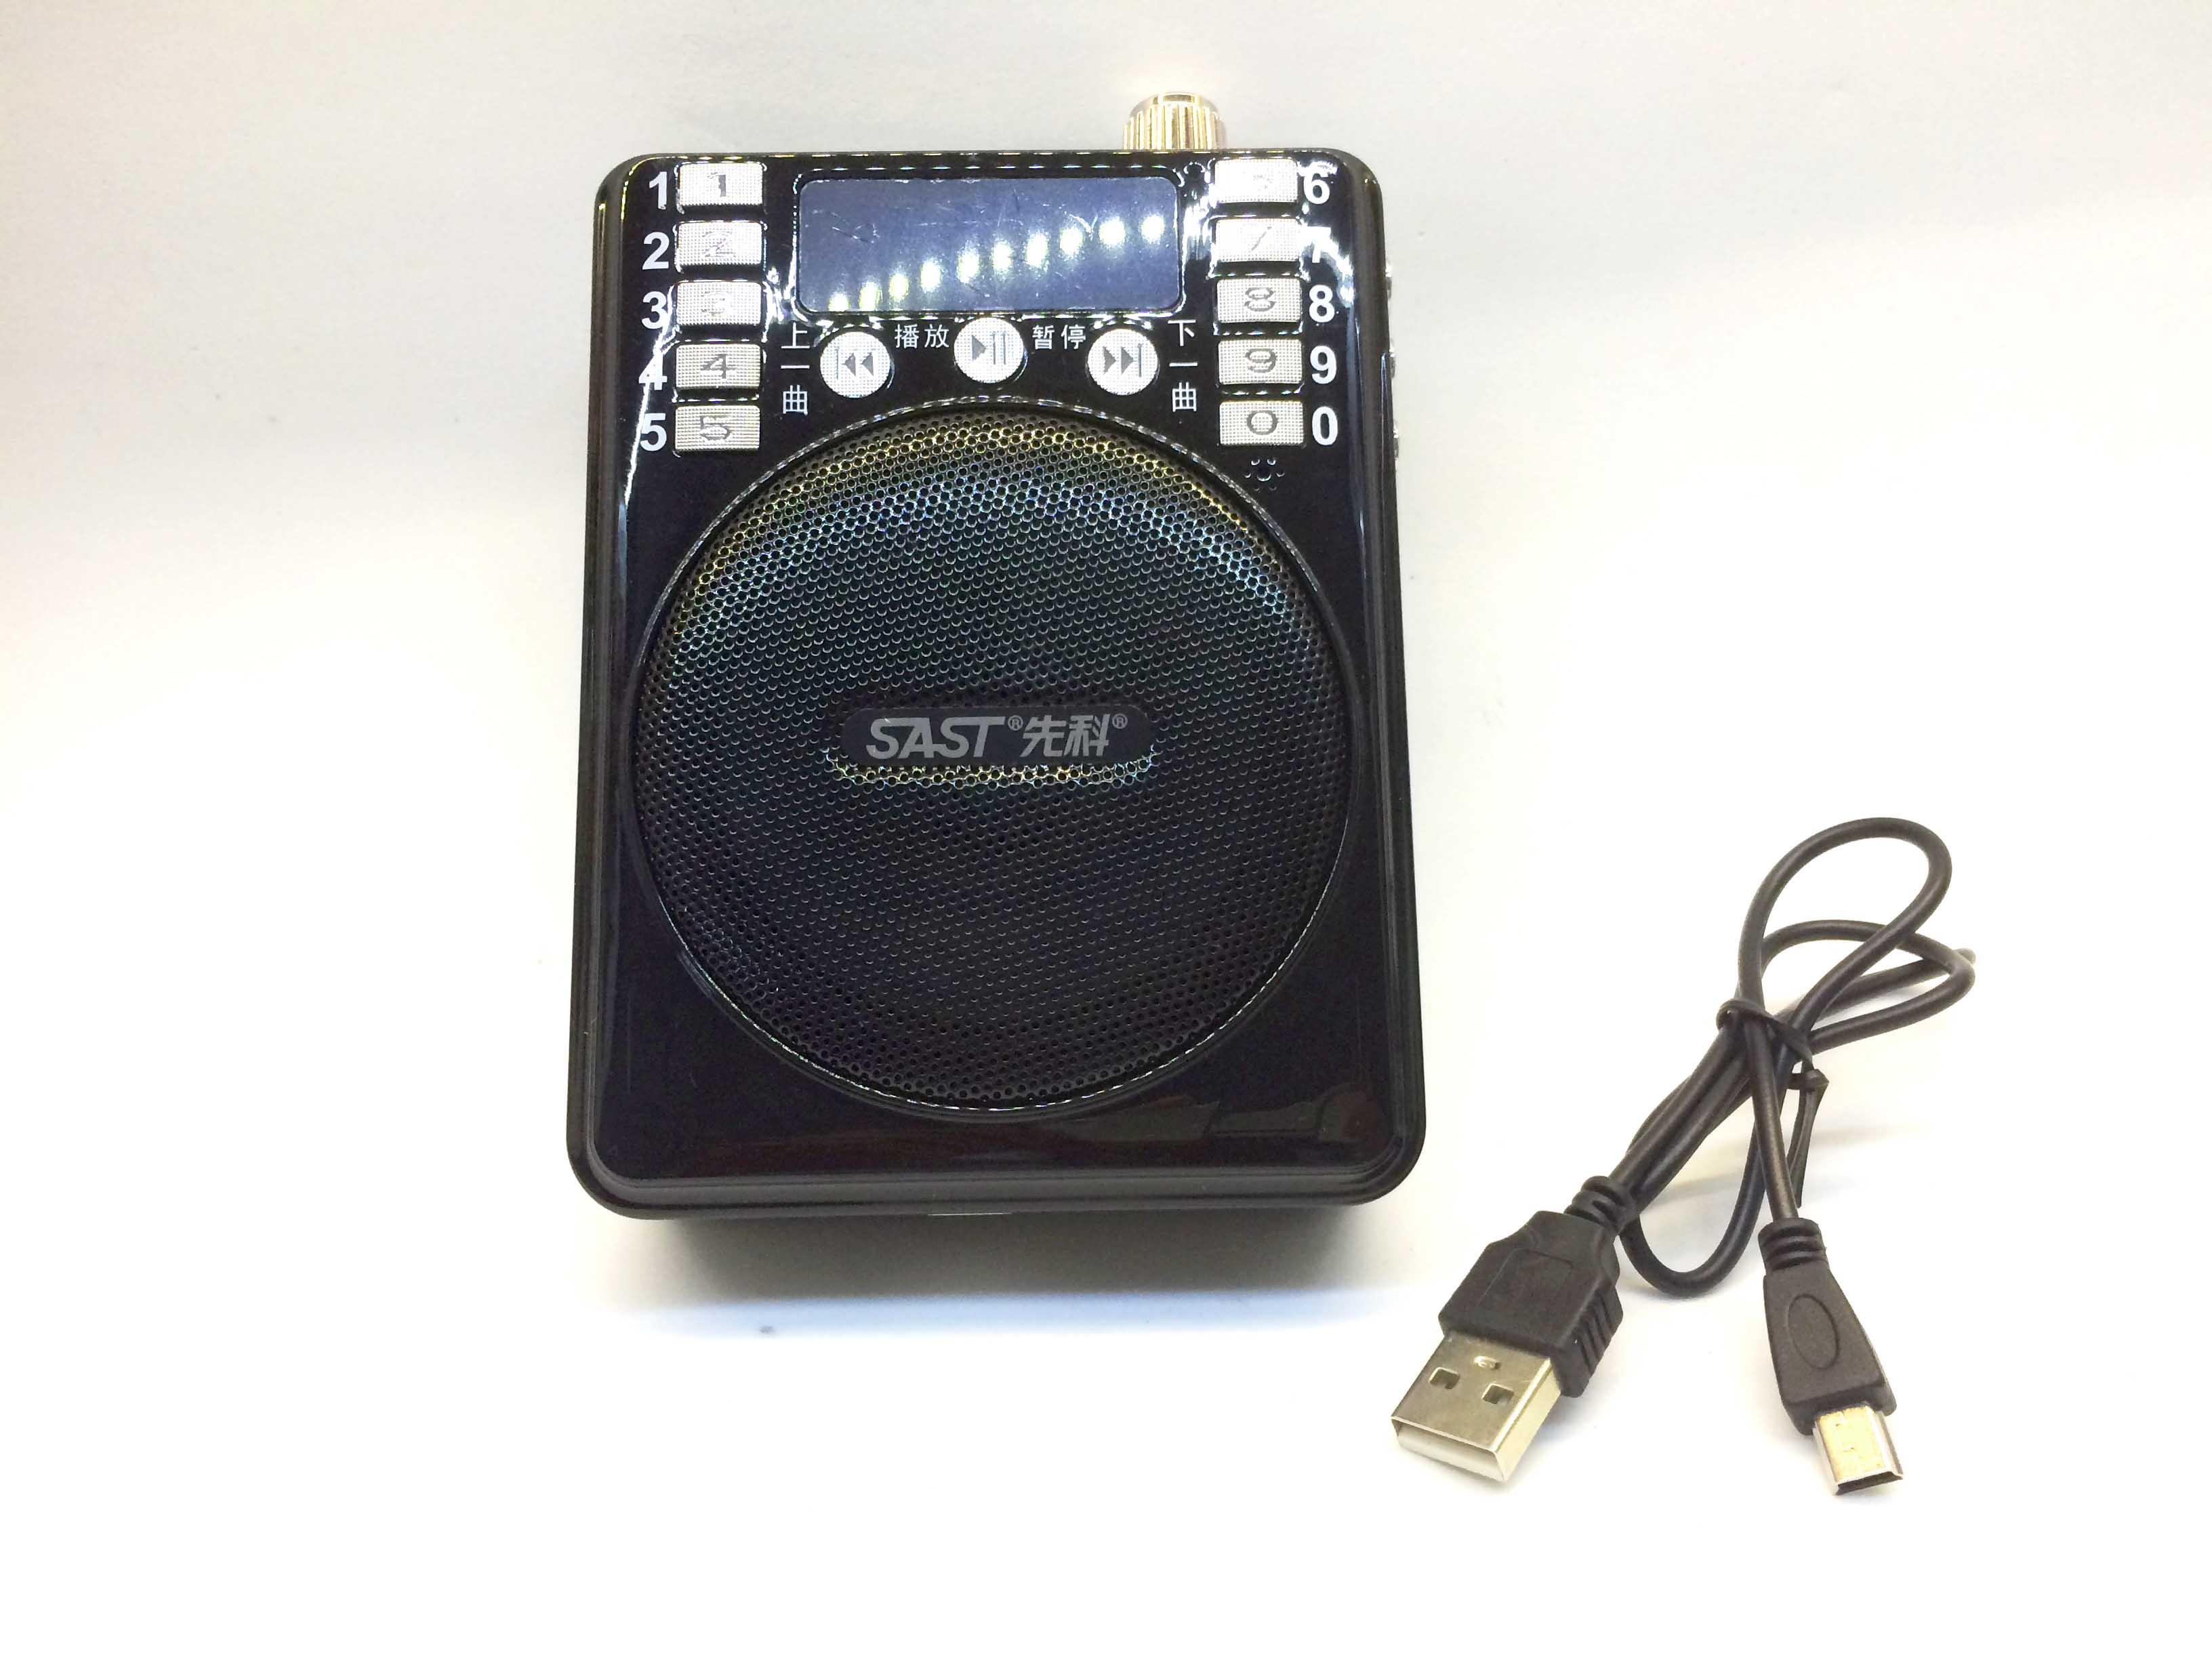 Loa míc trợ giảng SAST N717